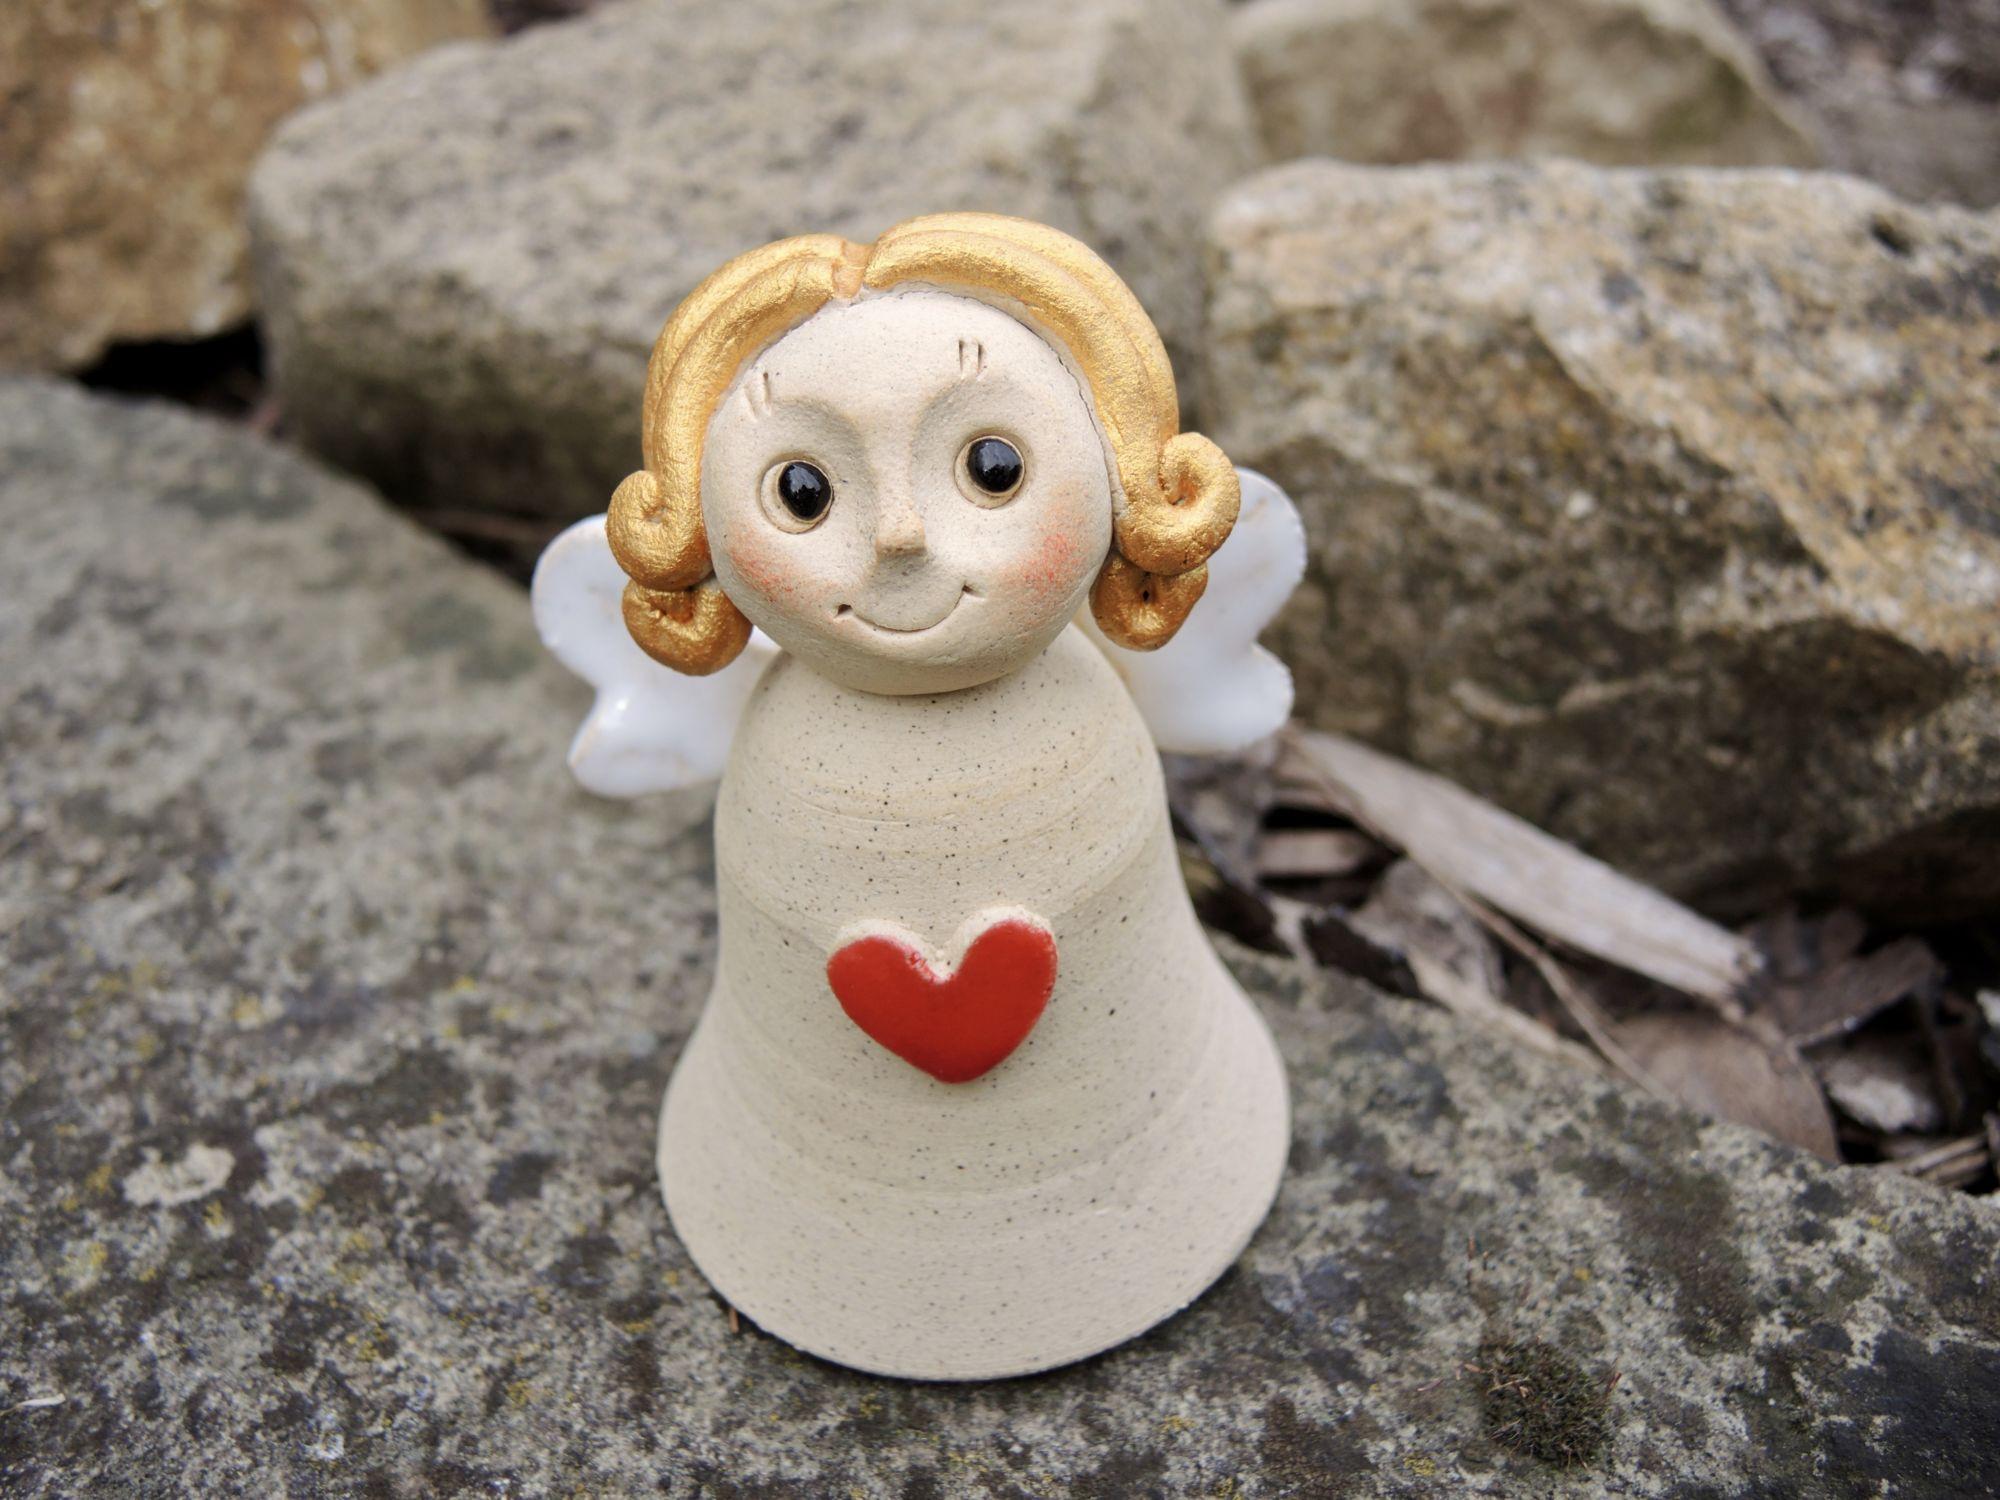 andílek křídla zvonek srdce keramika Andee